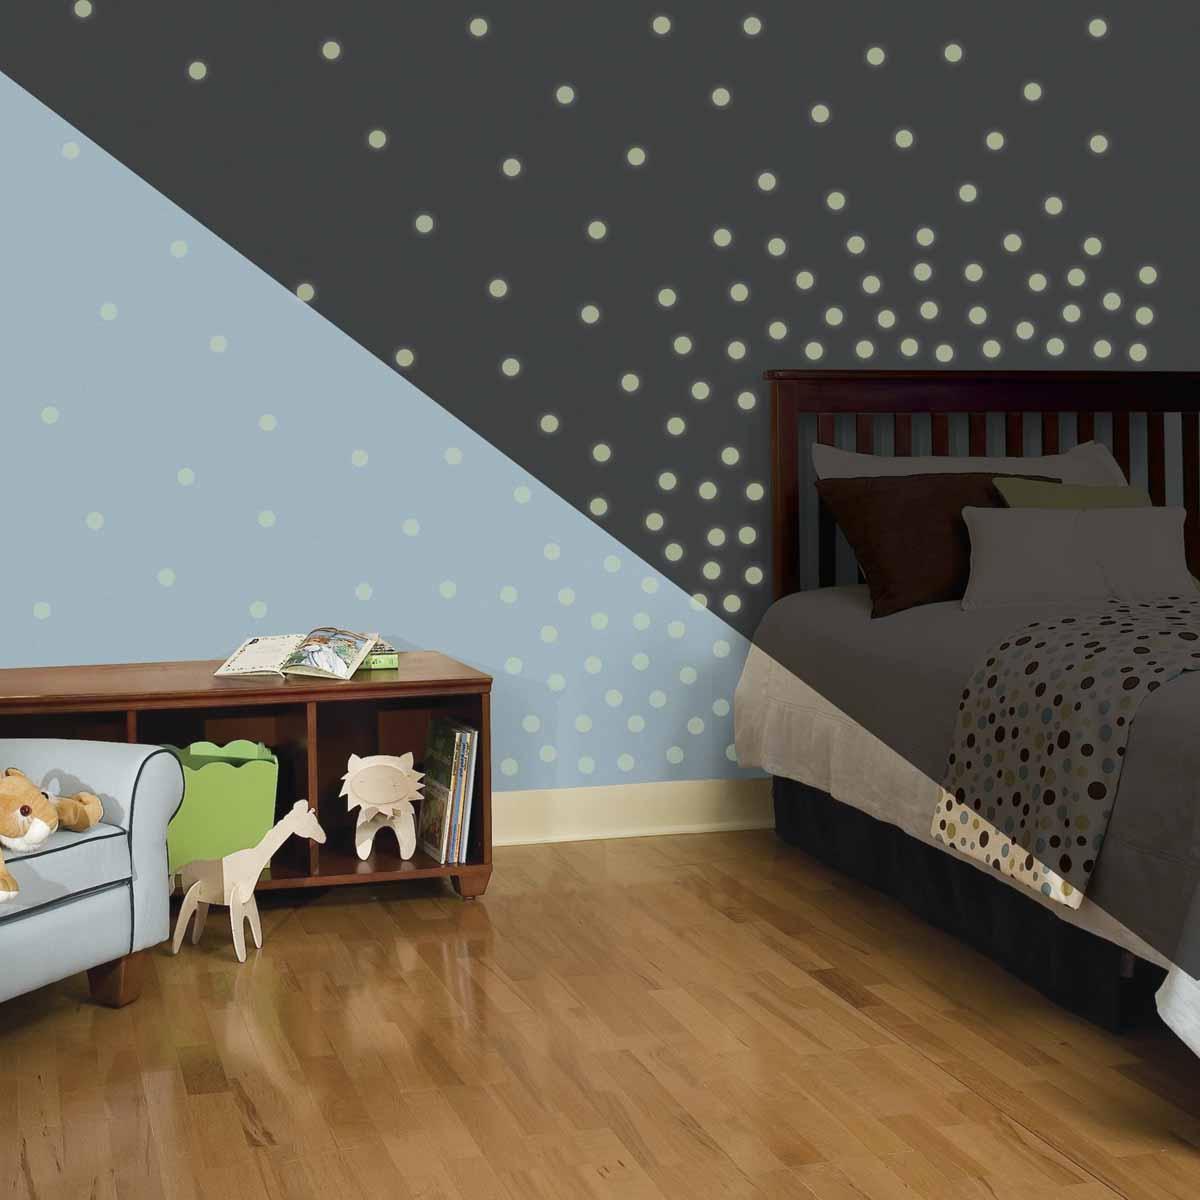 RoomMates Наклейка интерьерная Мерцающие точки 180 штRMK2792SCSНаклейки для декора Мерцающие точки от знаменитого производителя RoomMates станут украшением вашей квартиры! Придайте комнате другой вид с новым набором наклеек для декора, который светится в темноте! Наклейки светятся в темноте мягким светом!Пожалуйста, обратите внимание на то, что для достижения эффекта свечения наклейки должны побыть под воздействием прямого солнечного света! Прекрасный вариант для родителей, ребенок которых боится темноты.Всего в наборе 180 стикеров. Наклейки не нужно вырезать - их следует просто отсоединить от защитного слоя и поместить на стену или любую другую плоскую гладкую поверхность. Наклейки многоразовые: их легко переклеивать и снимать со стены, они не оставляют липких следов на поверхности.